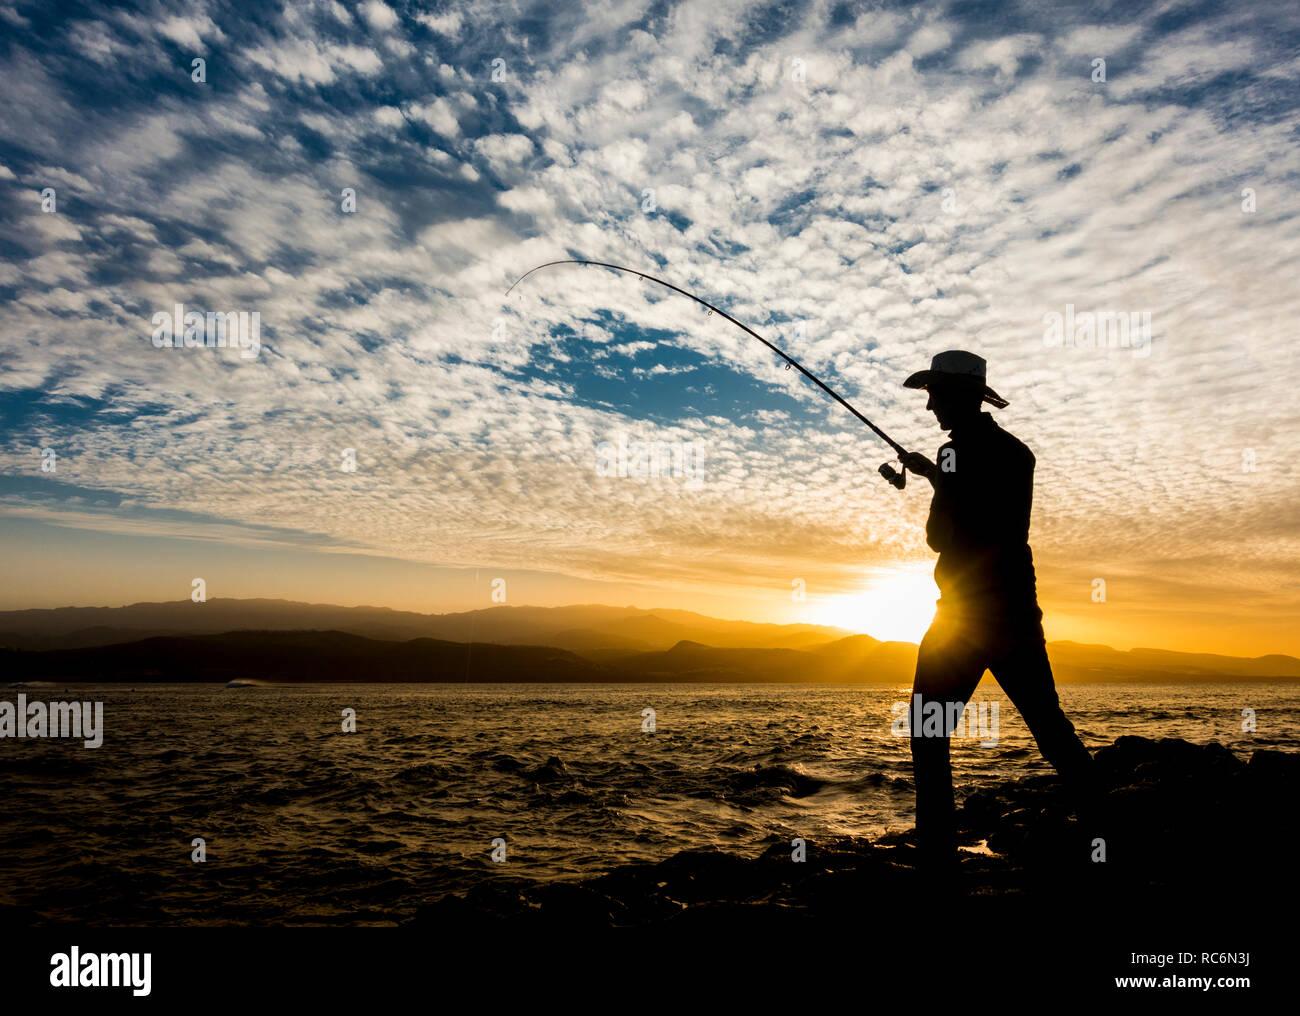 L'uomo della pesca in mare, la pesca sportiva al tramonto. Immagini Stock